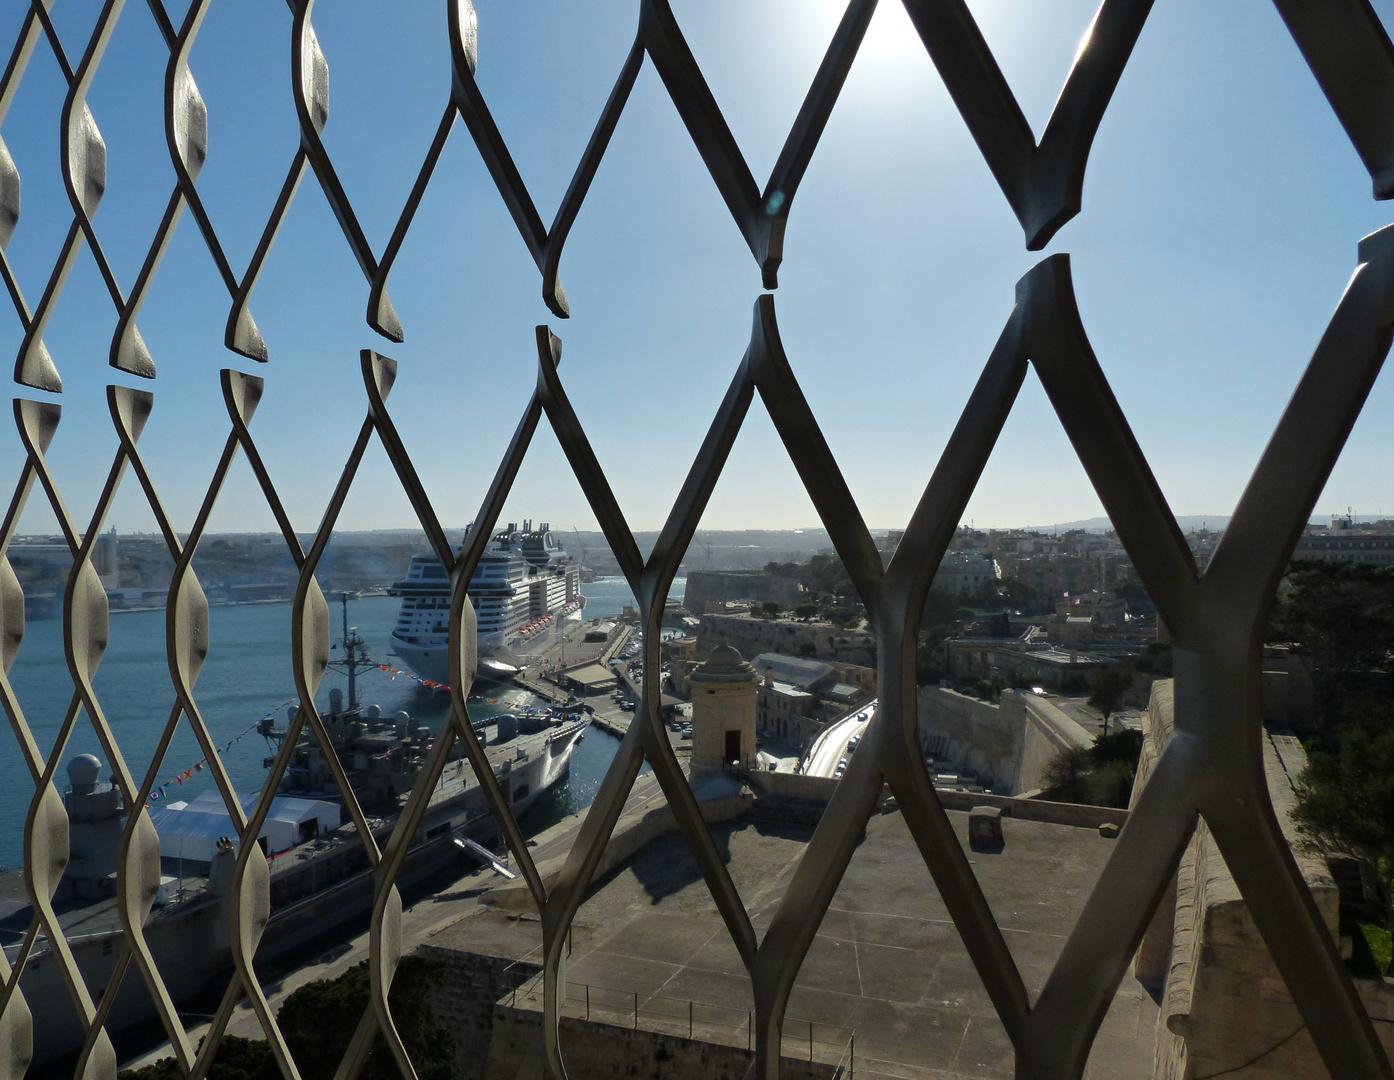 Durchs Gitter der Durchblick aufs Kreuzfahrtschiff